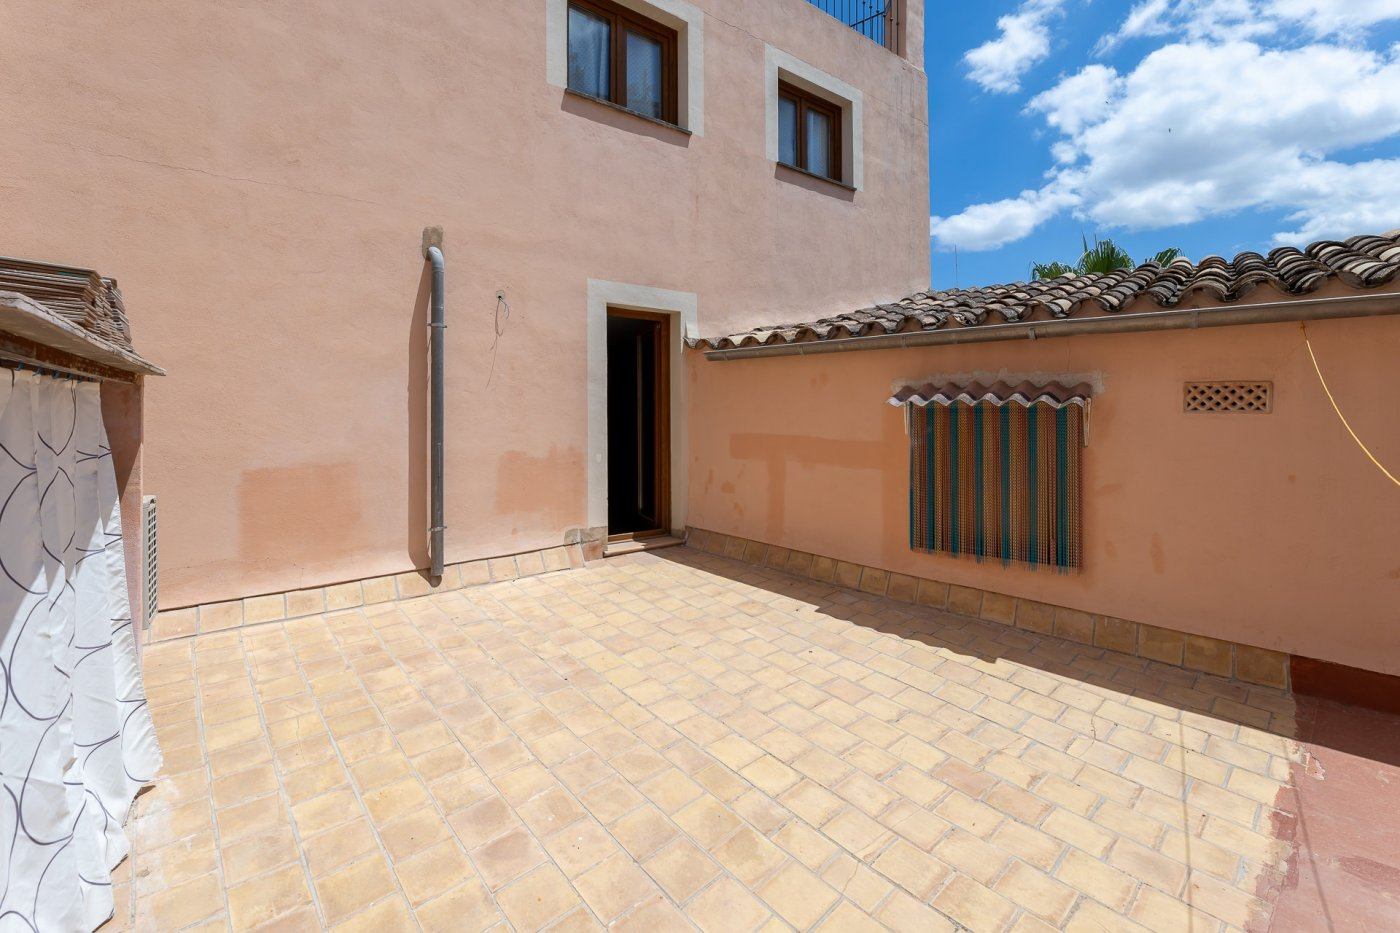 Piso tres habitaciones y amplia terraza en el centro de inca - imagenInmueble18